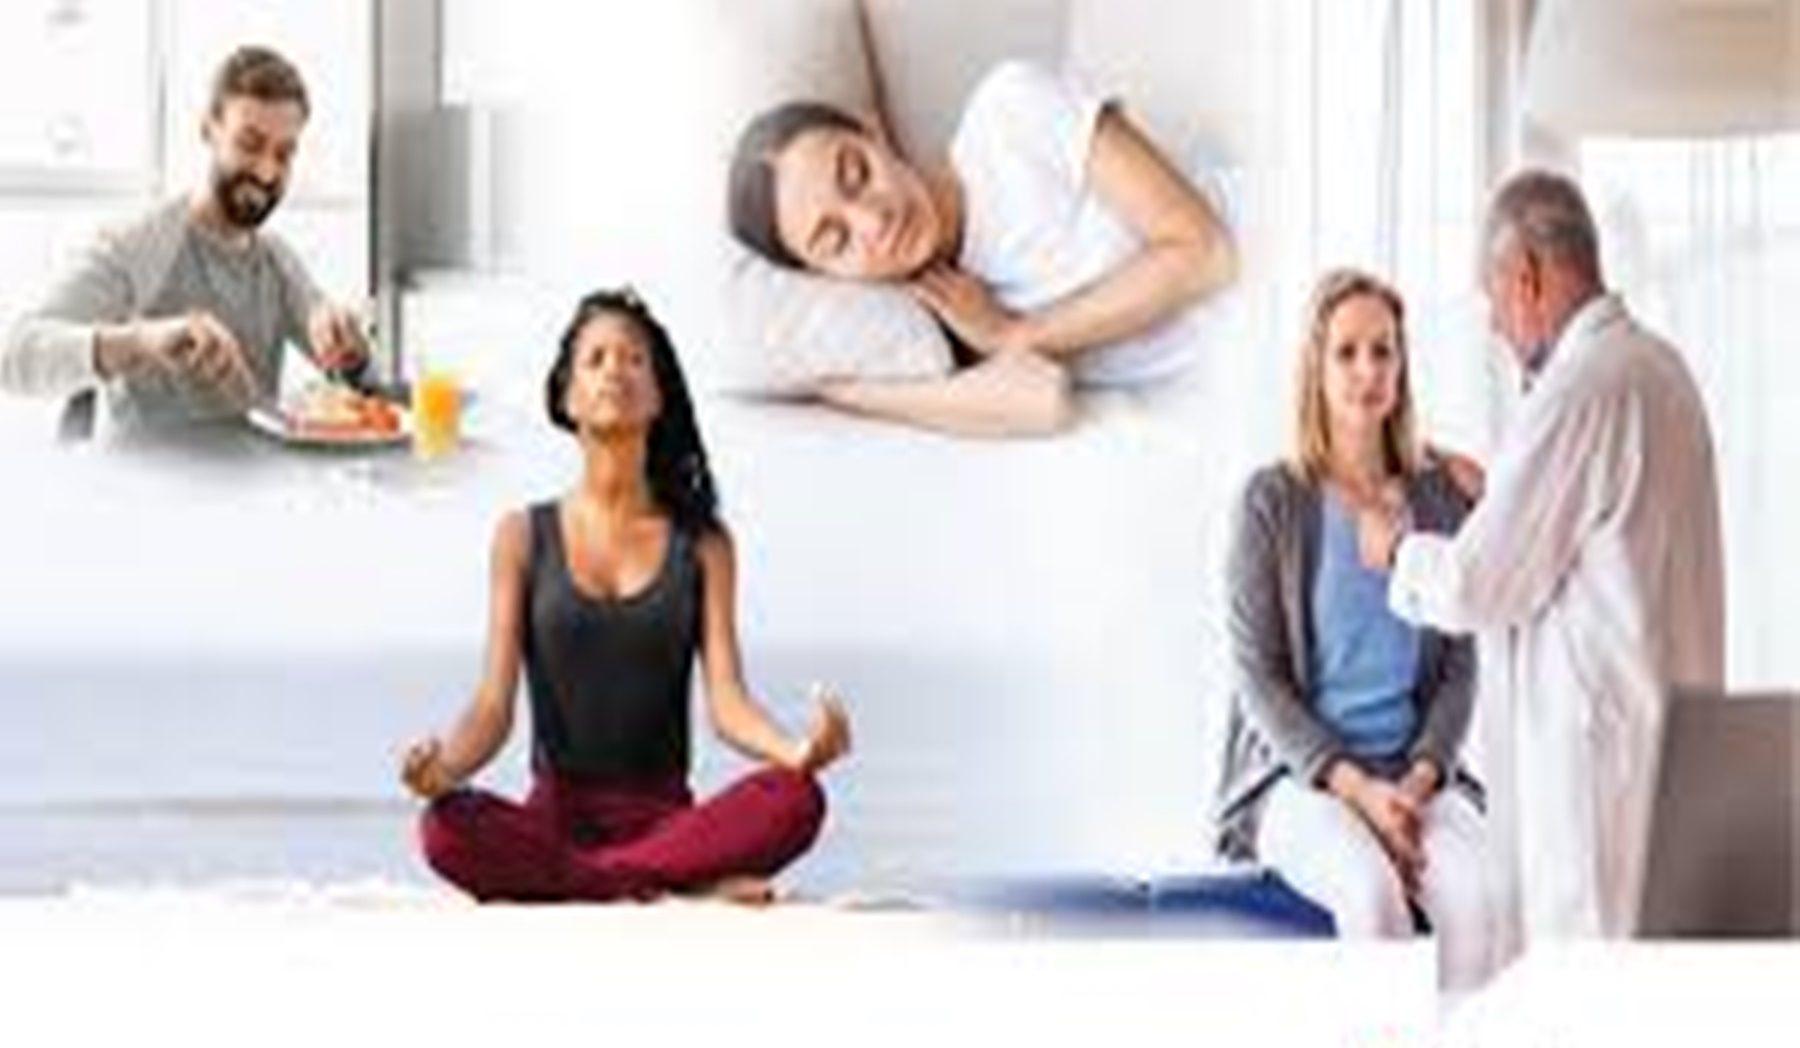 Αυτοφροντίδα : Ασκήσεις και δραστηριότητες για να την επιτύχεις